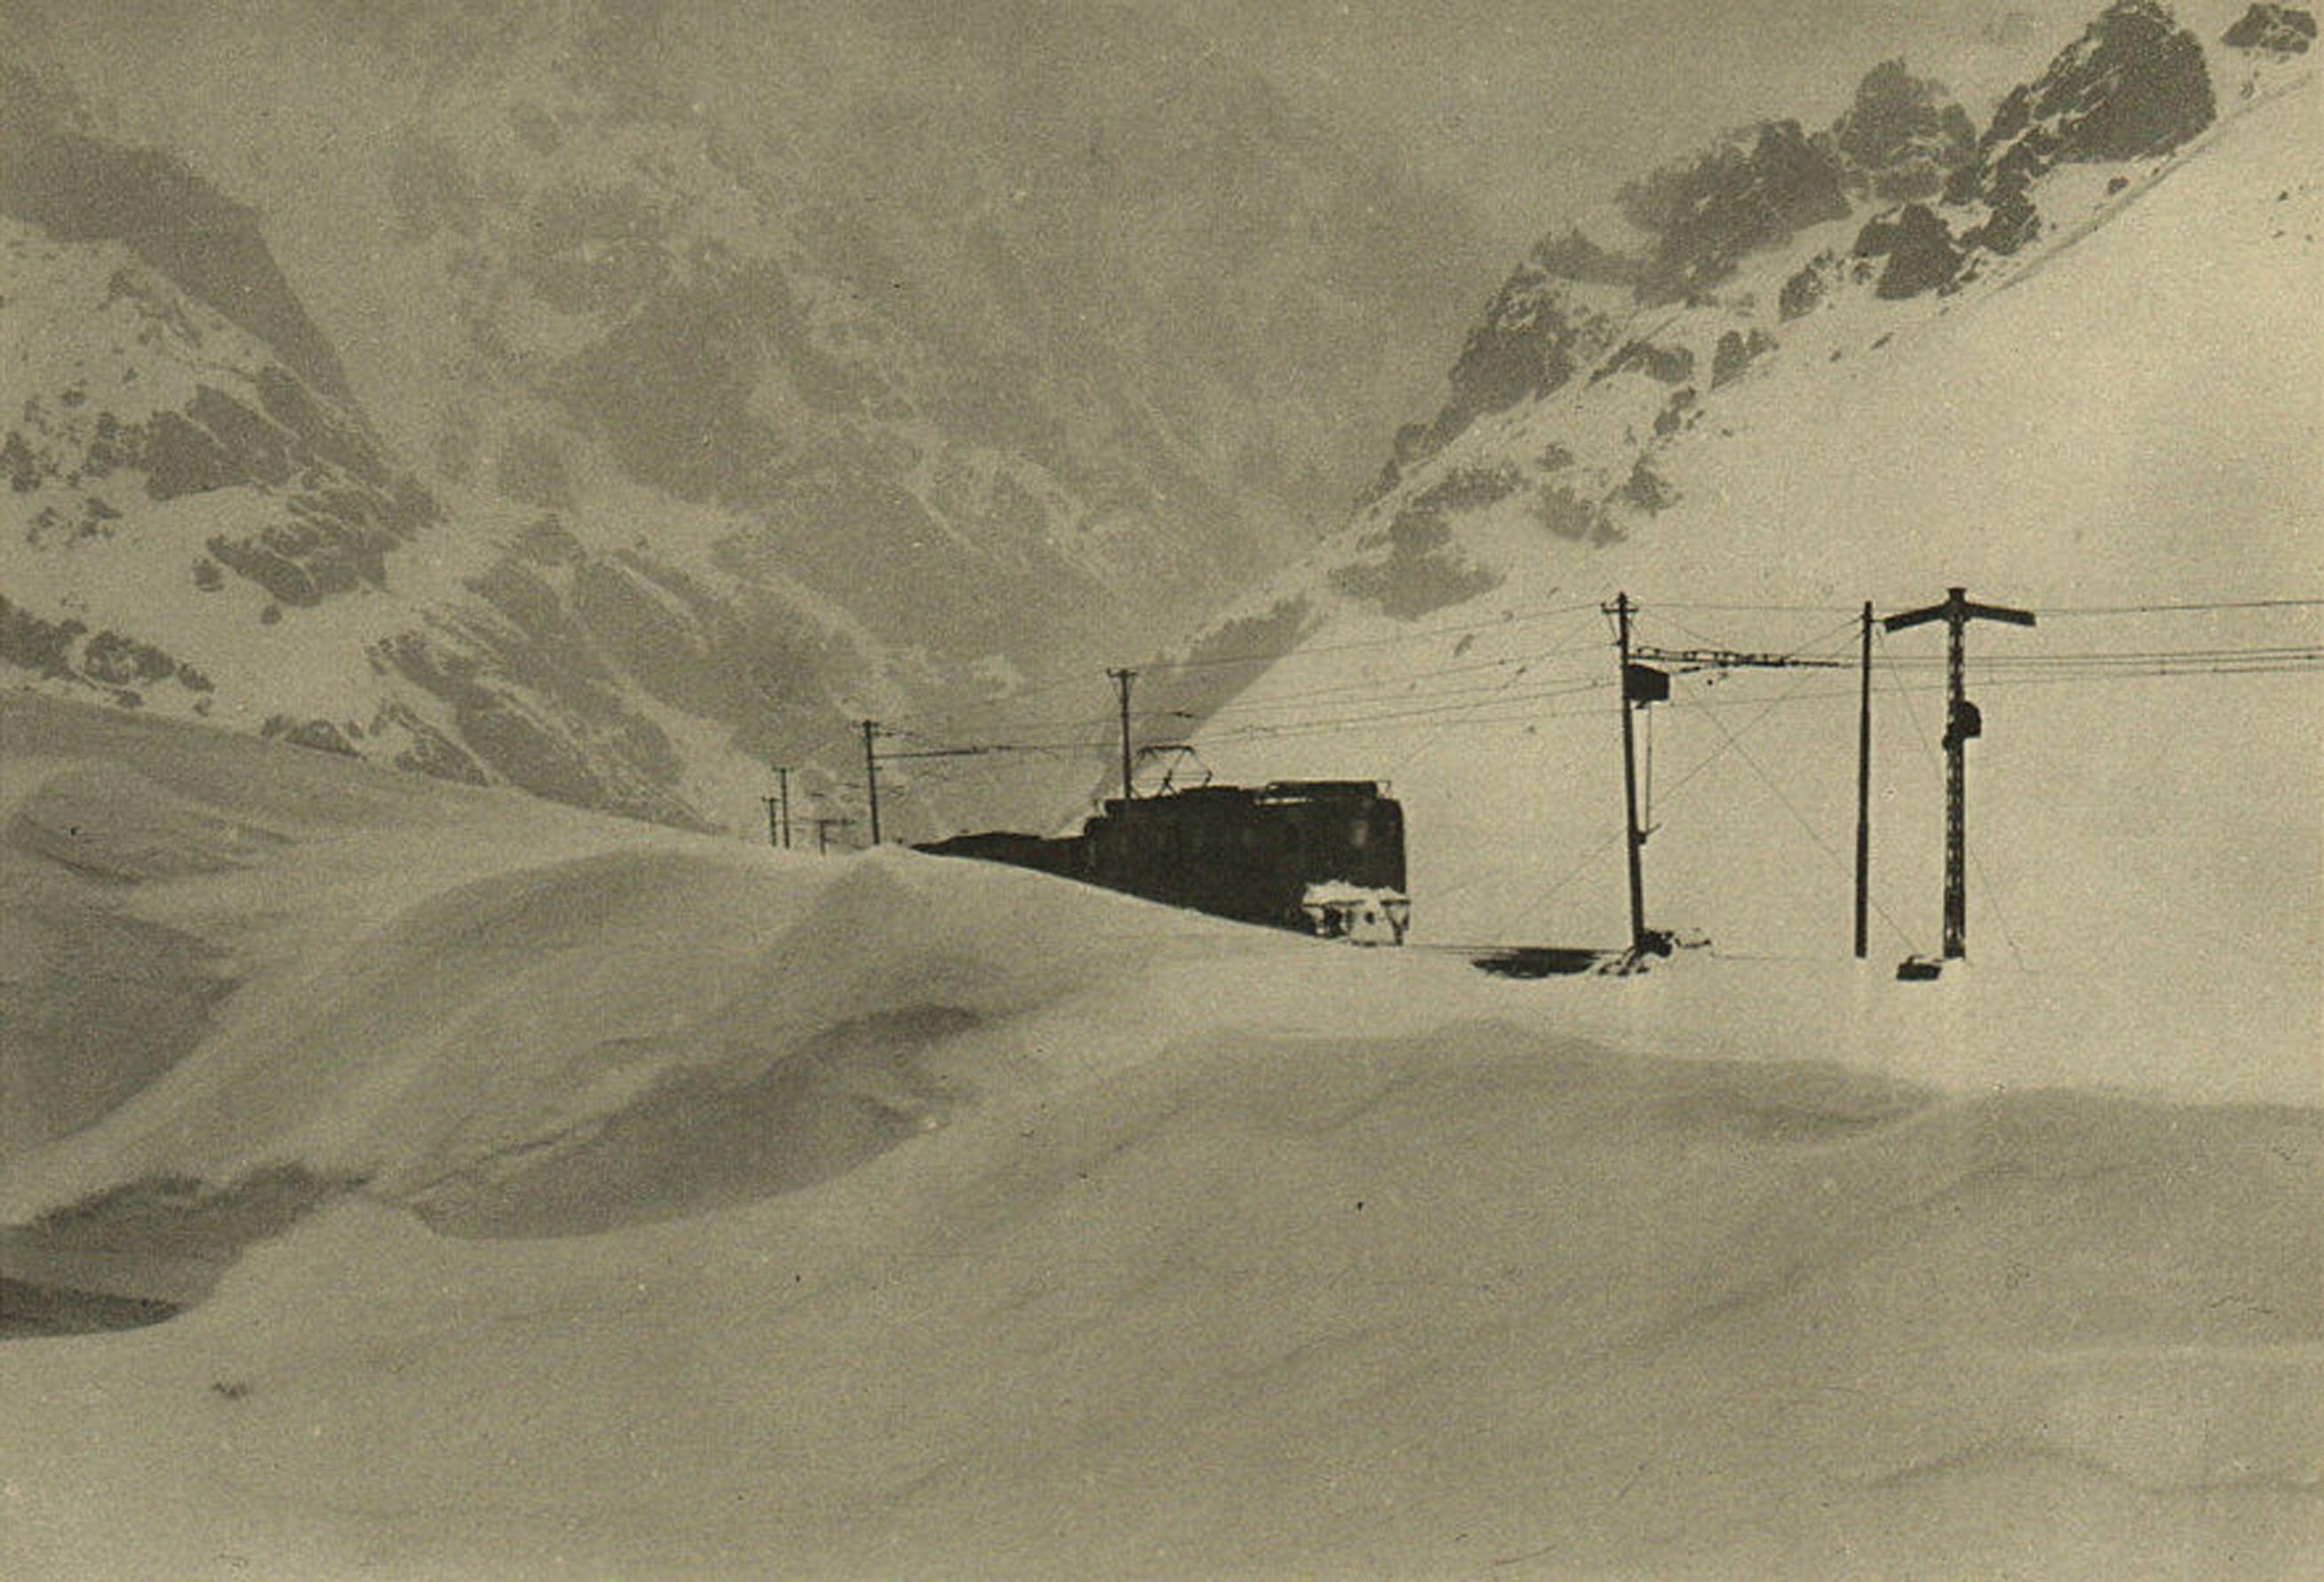 Enterreno - Fotos históricas de chile - fotos antiguas de Chile - Ferrocarril Trasandino en invierno, 1942